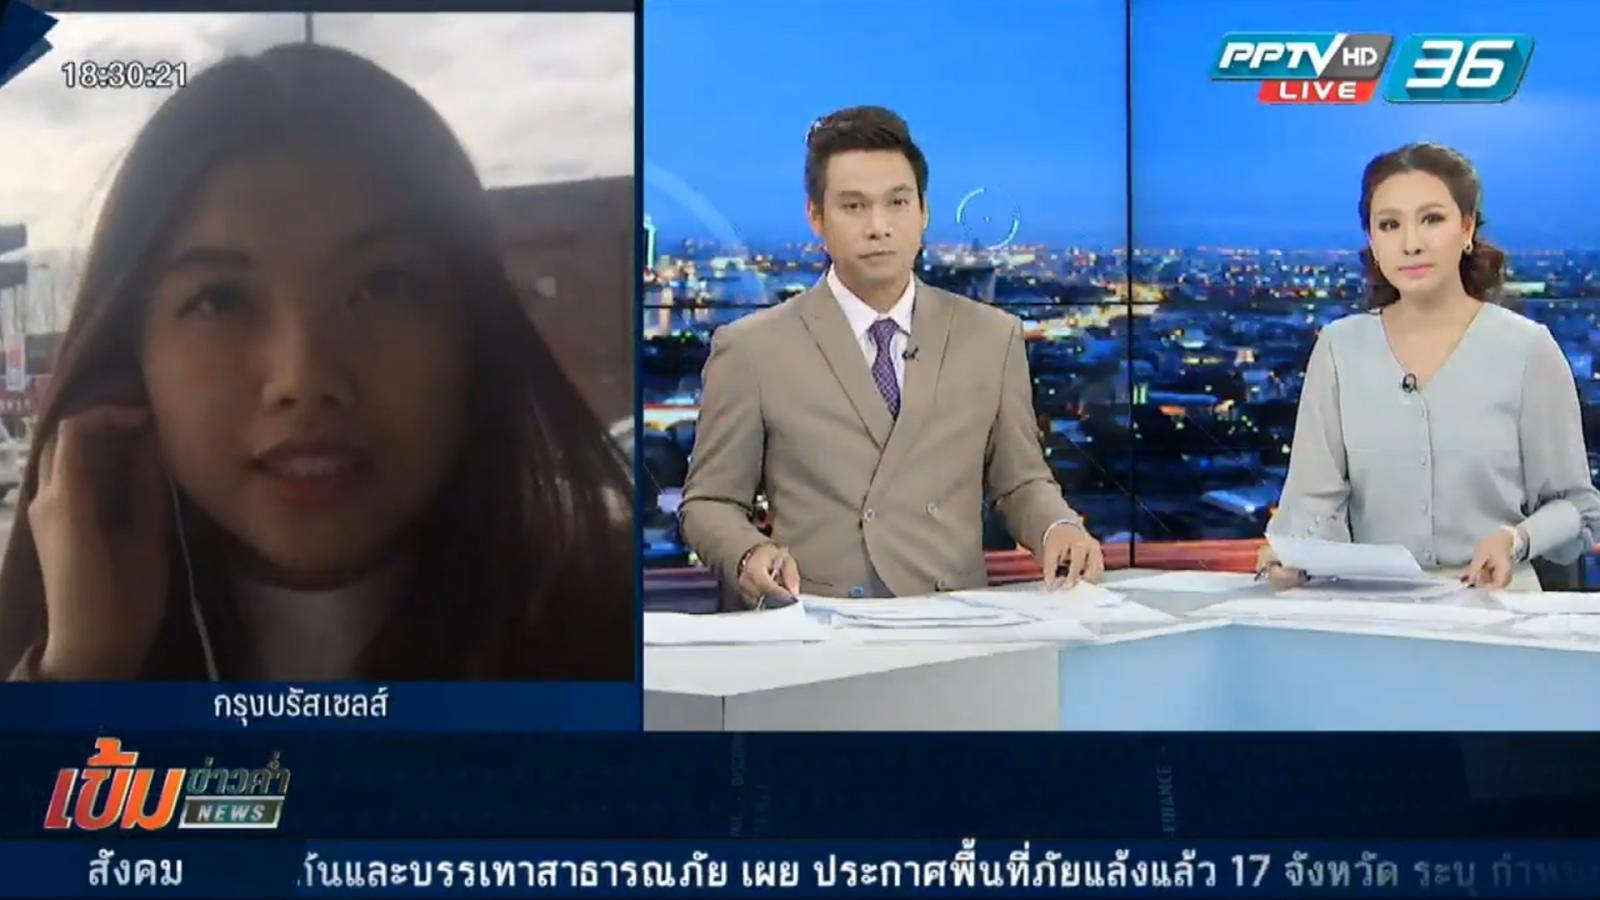 สัมภาษณ์สด...นักศึกษาไทยในบรัสเซลส์